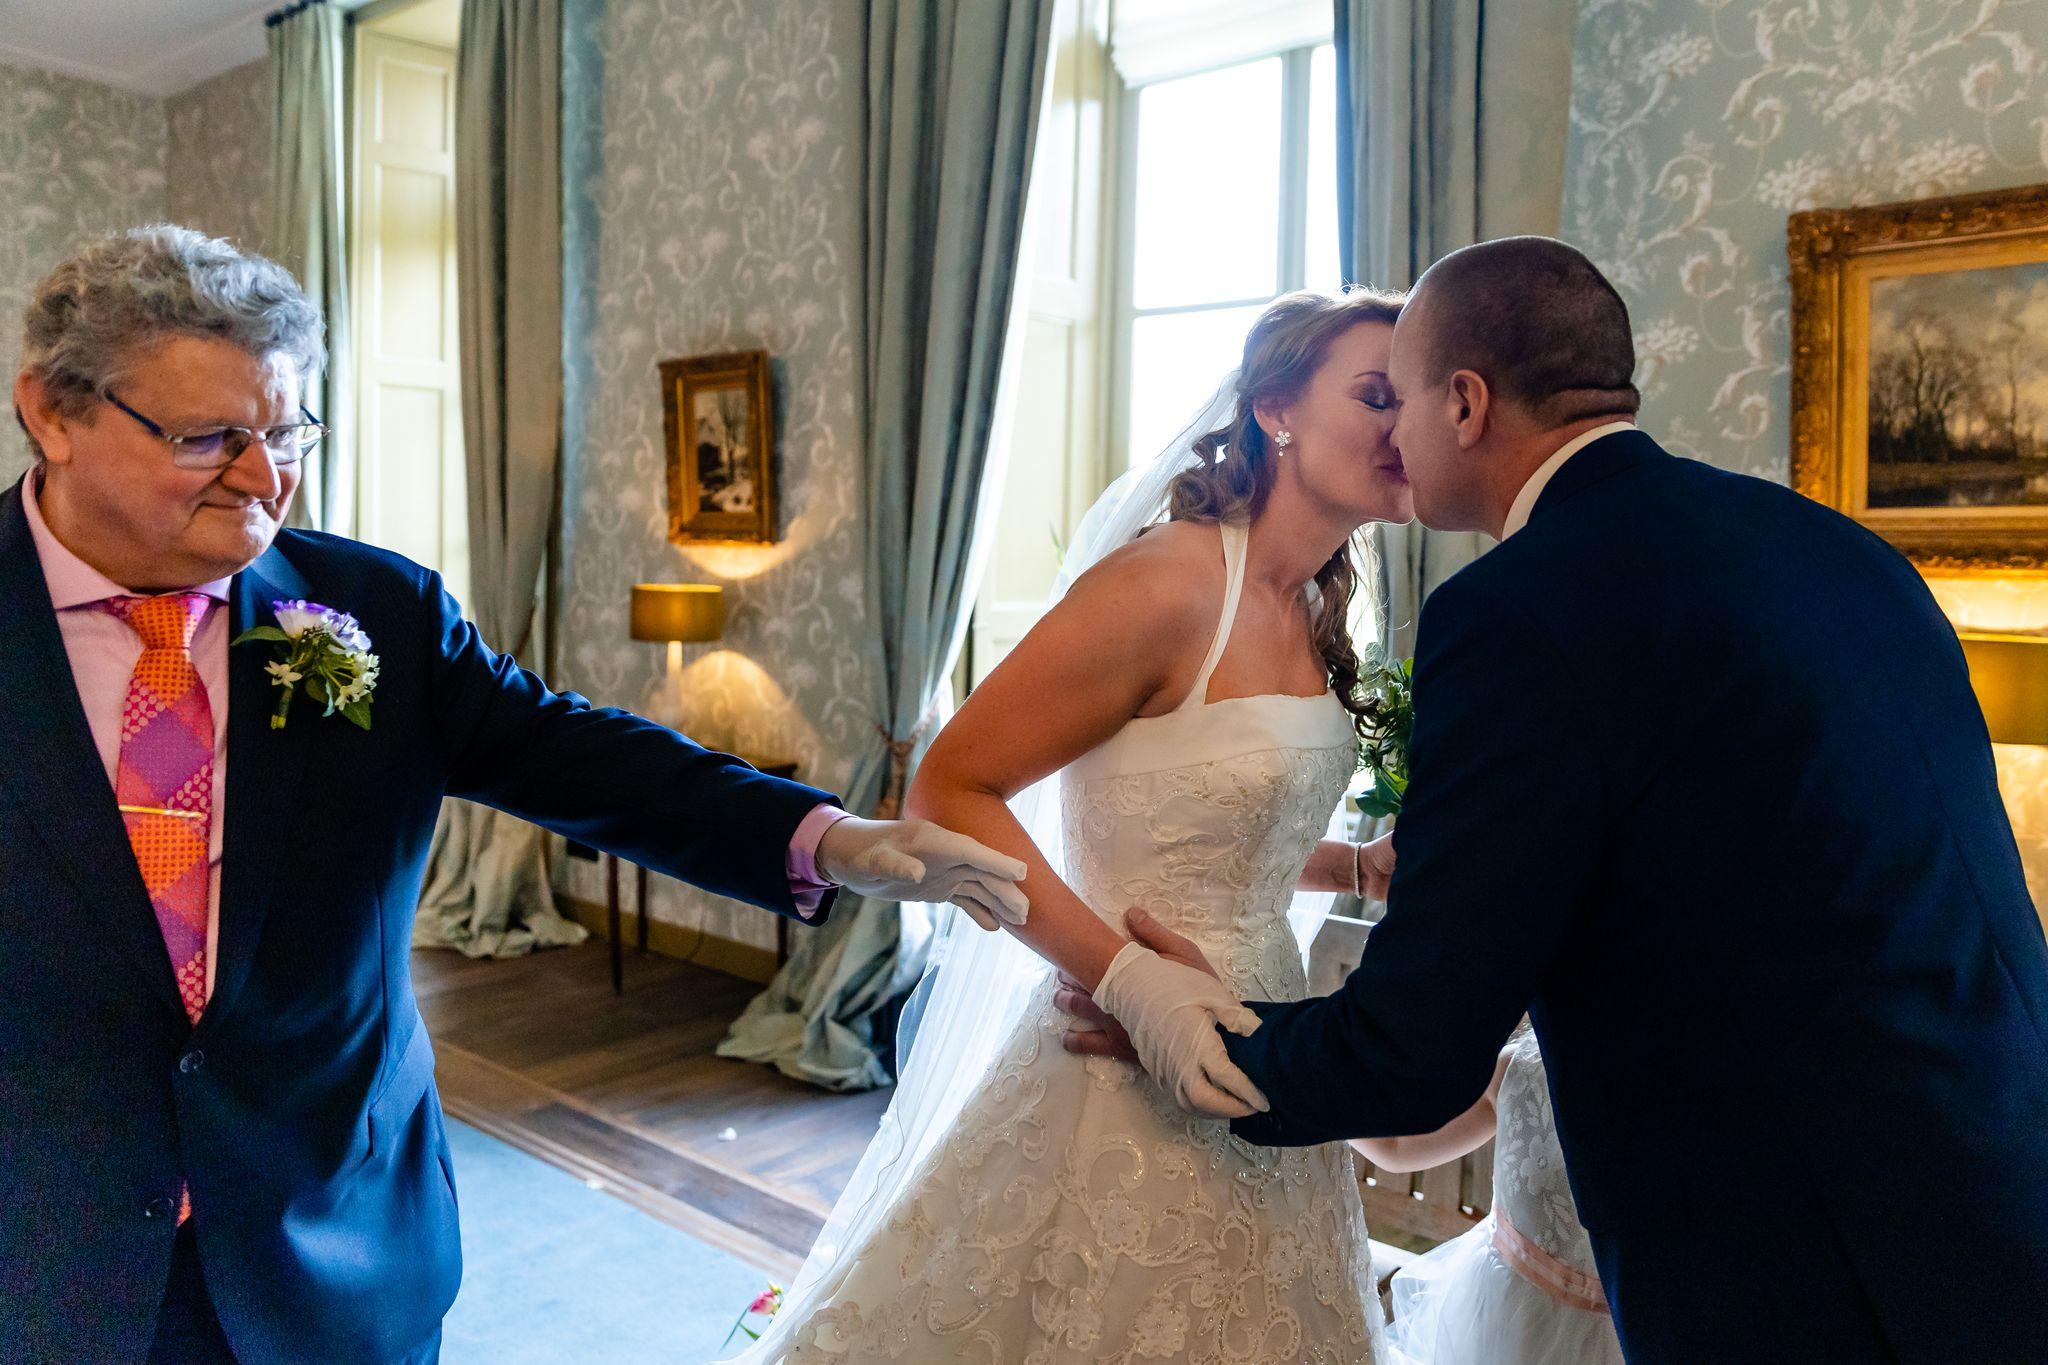 Trouwen in coronatijd | Social distance bruiloft | Trouwceremonie | Wweggeefmoment